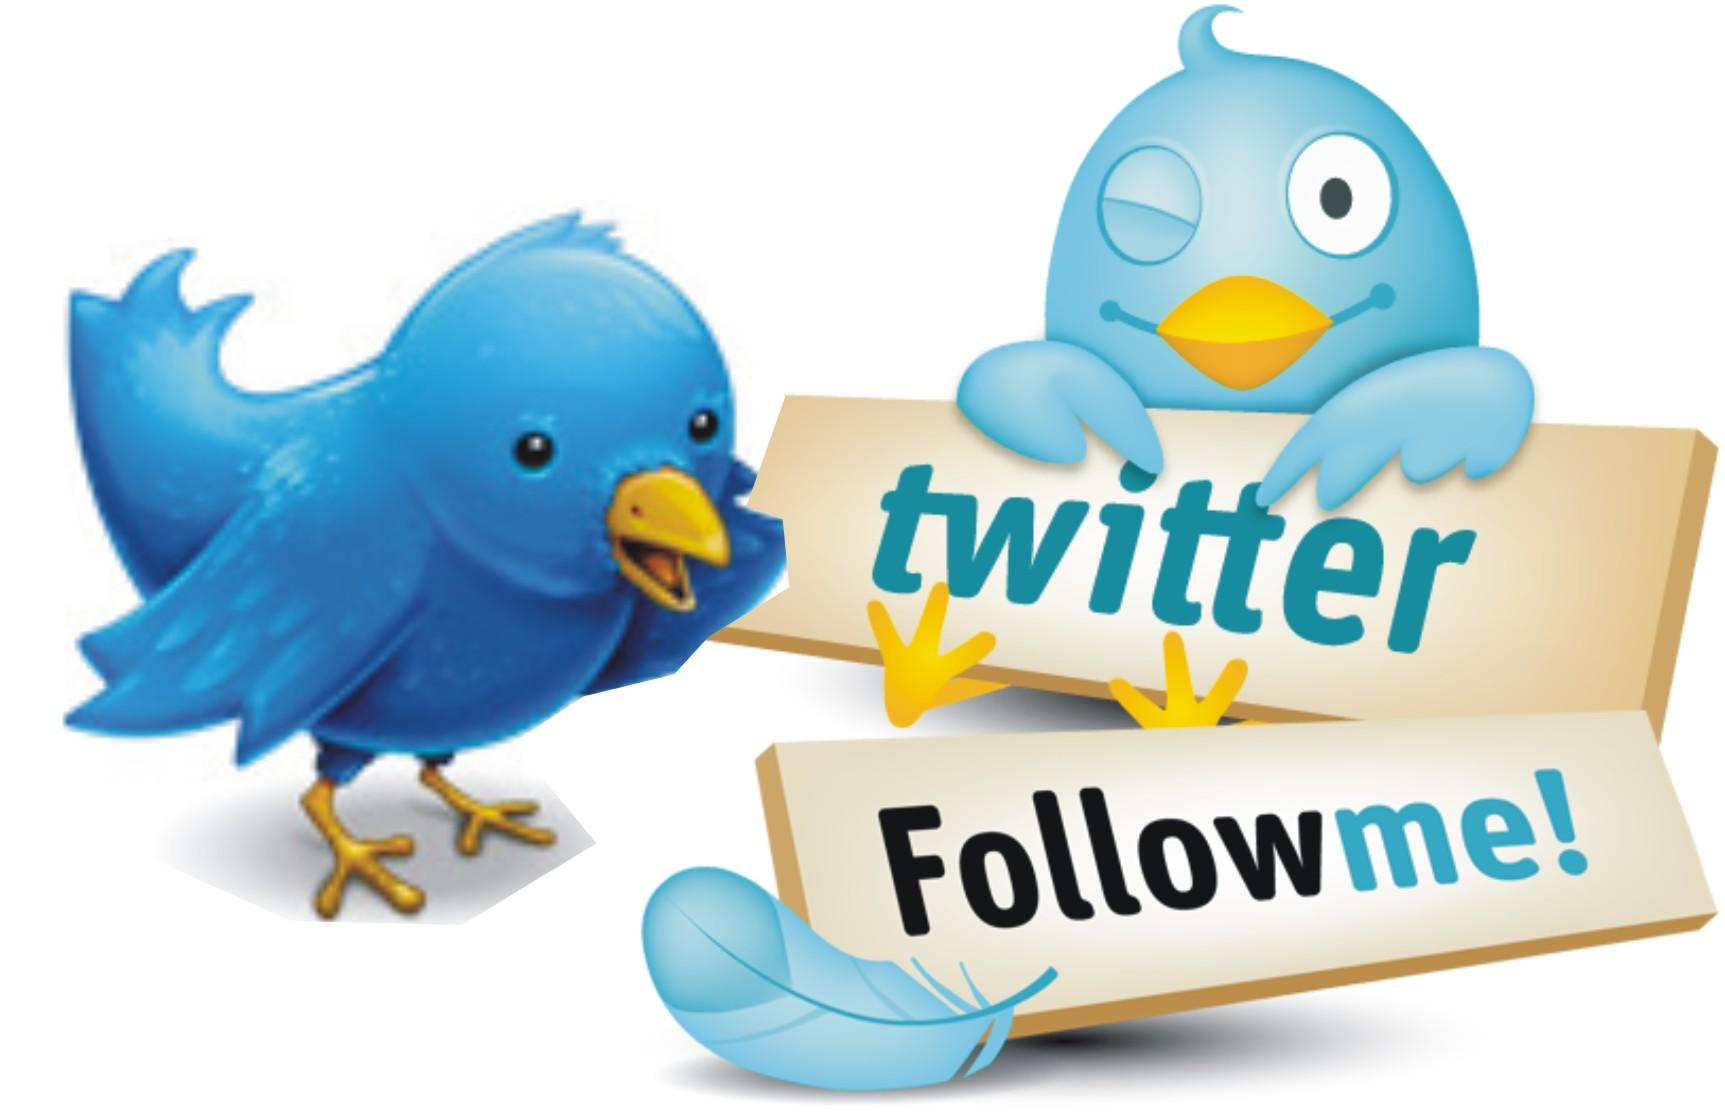 Twitterで稼げる!ネットビジネスに興味のない人、初心者でもスマホあれば結構出来るので知っておきましょう!フォロワー5000人突破記念!